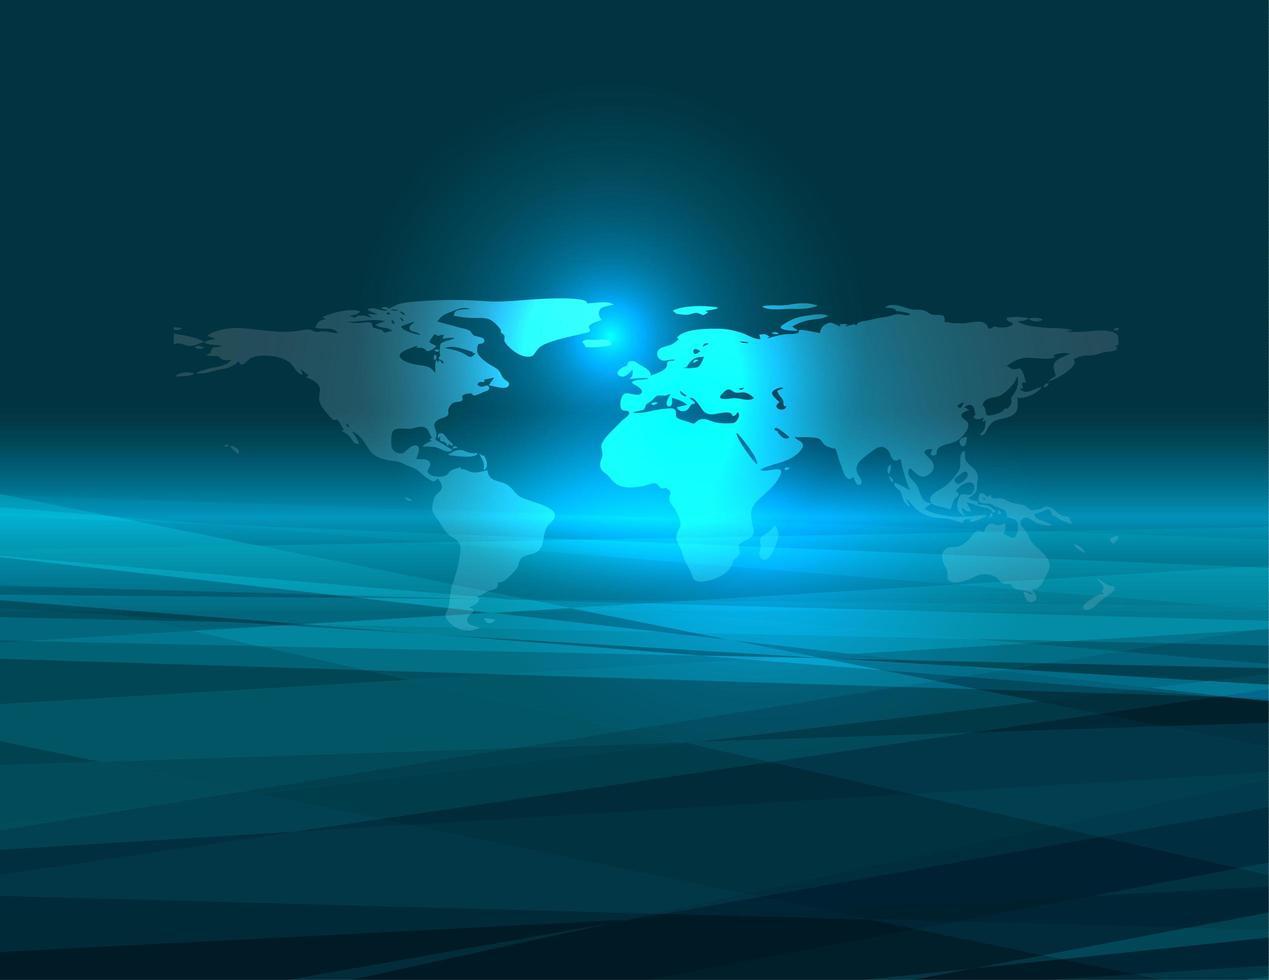 Fondo de tecnología azul mundo abstracto vector